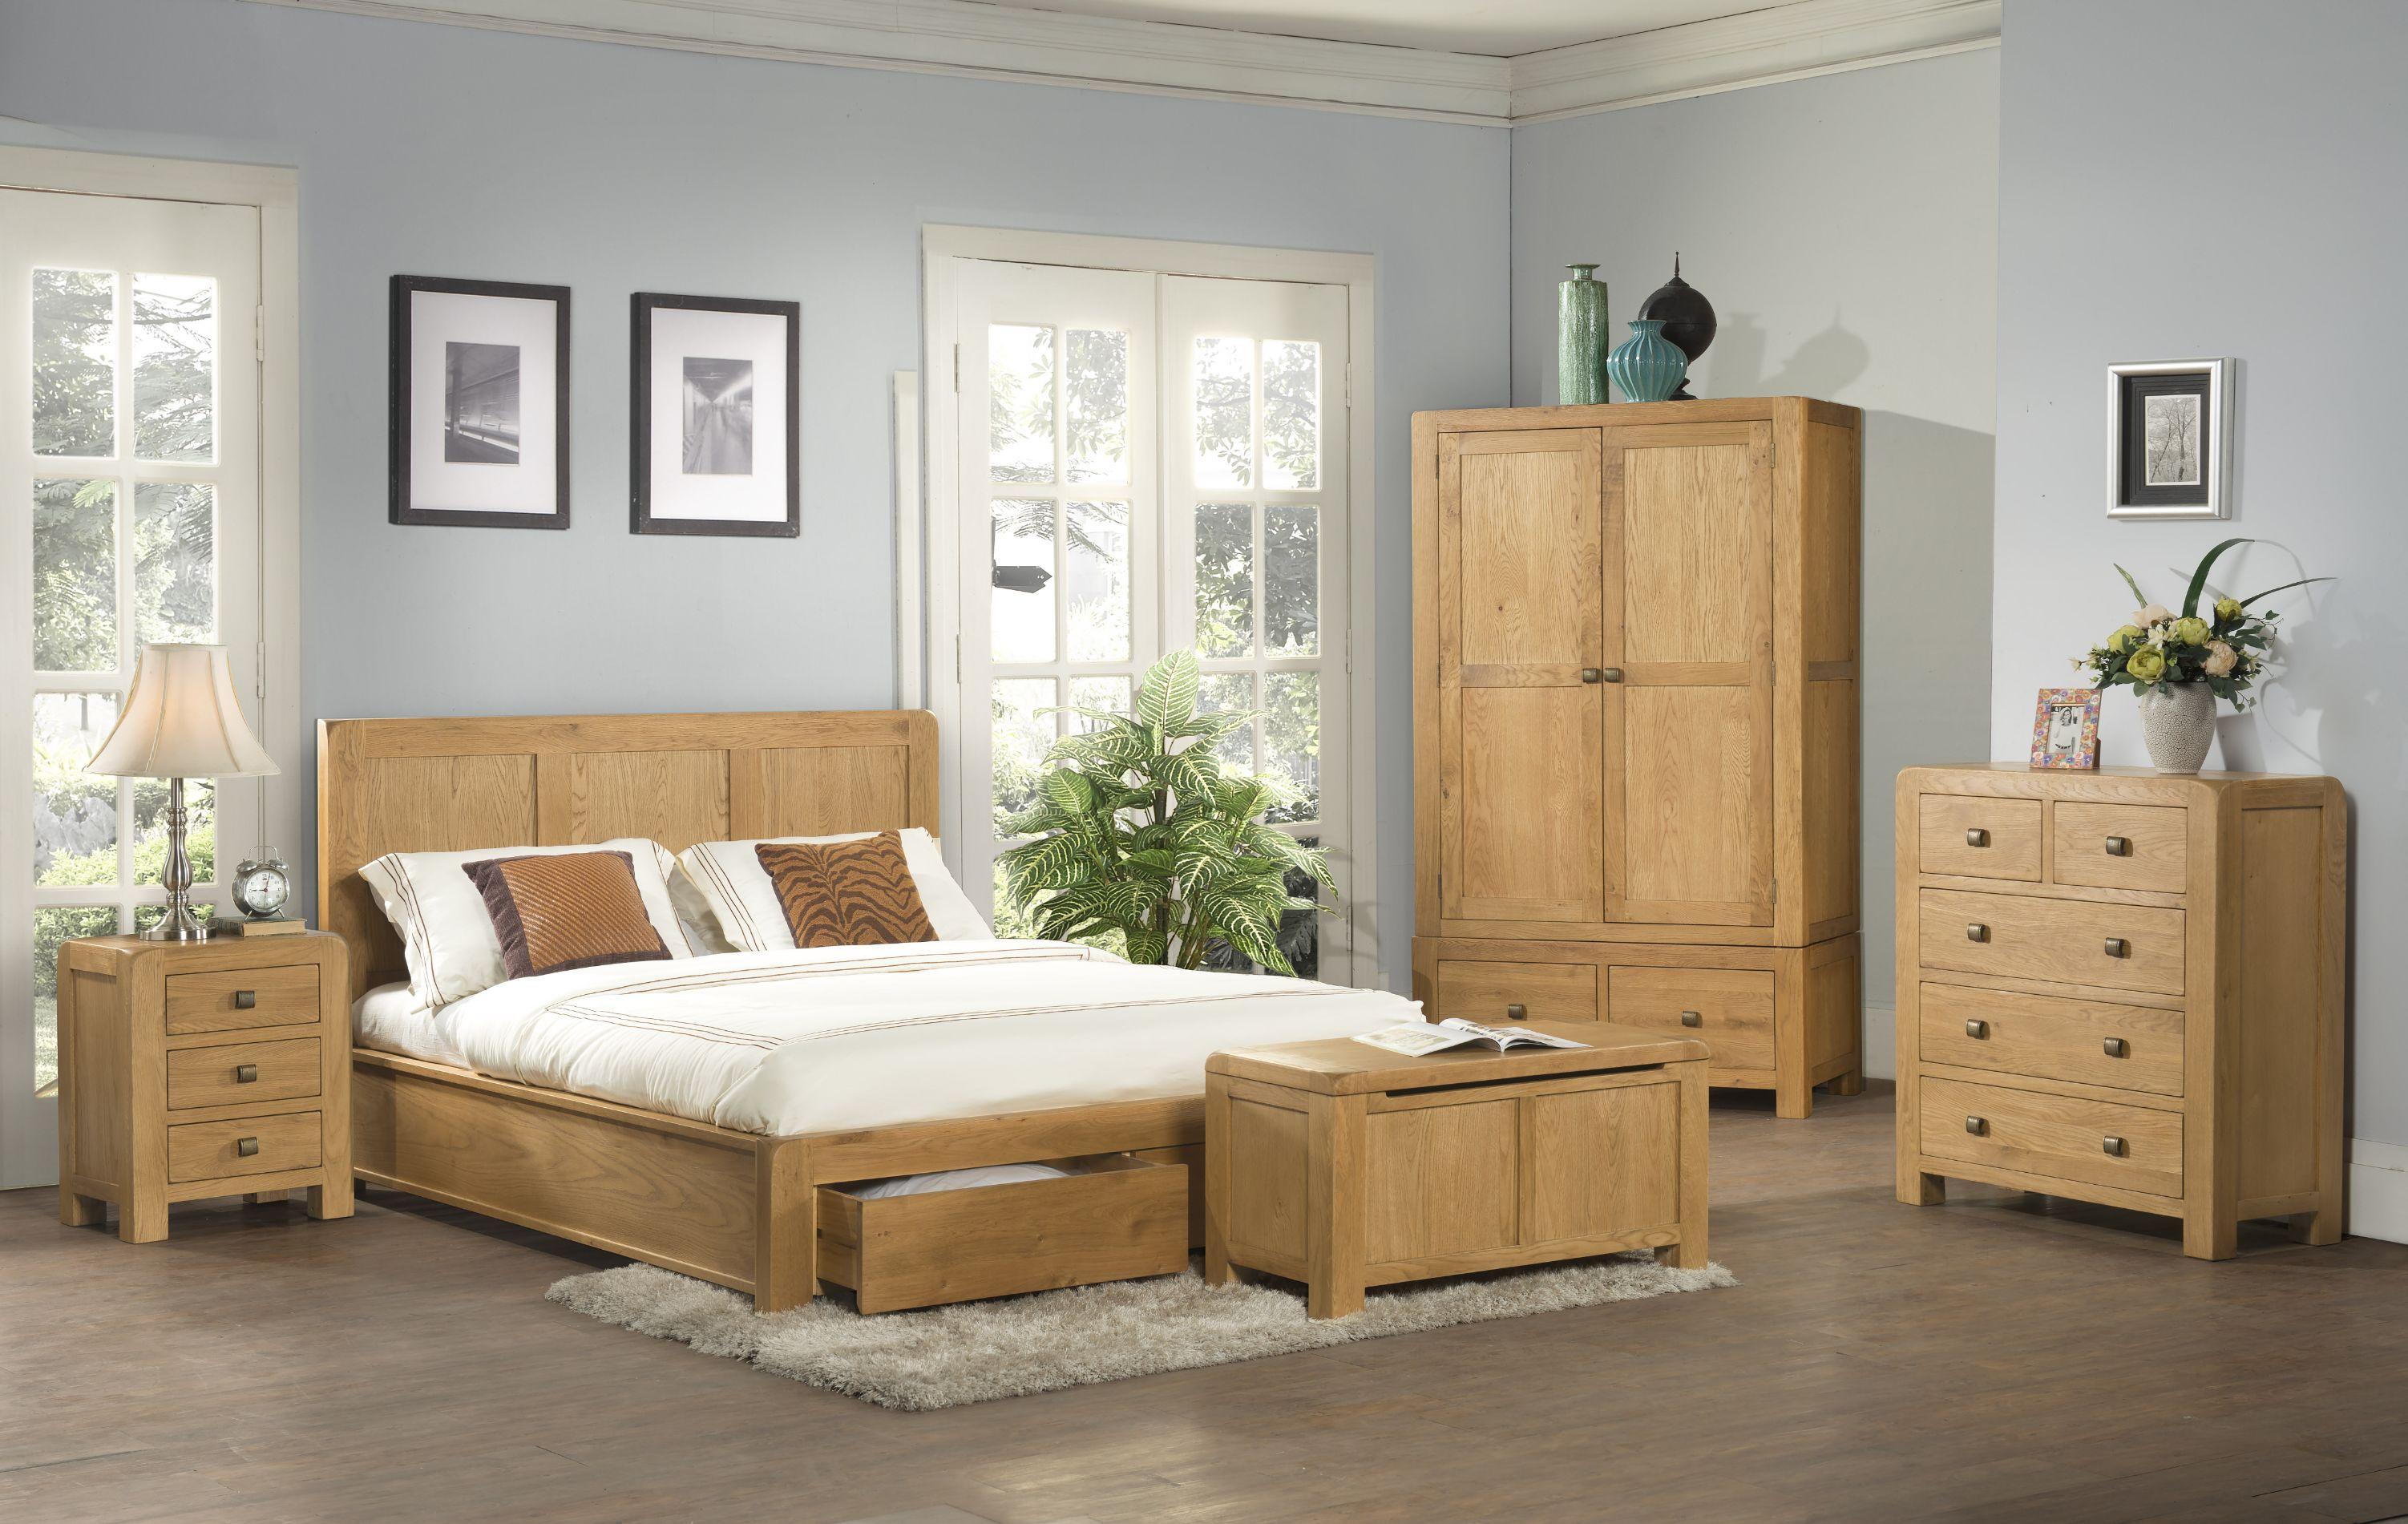 Devonshire Pine - DAVENPORT - Bedroom